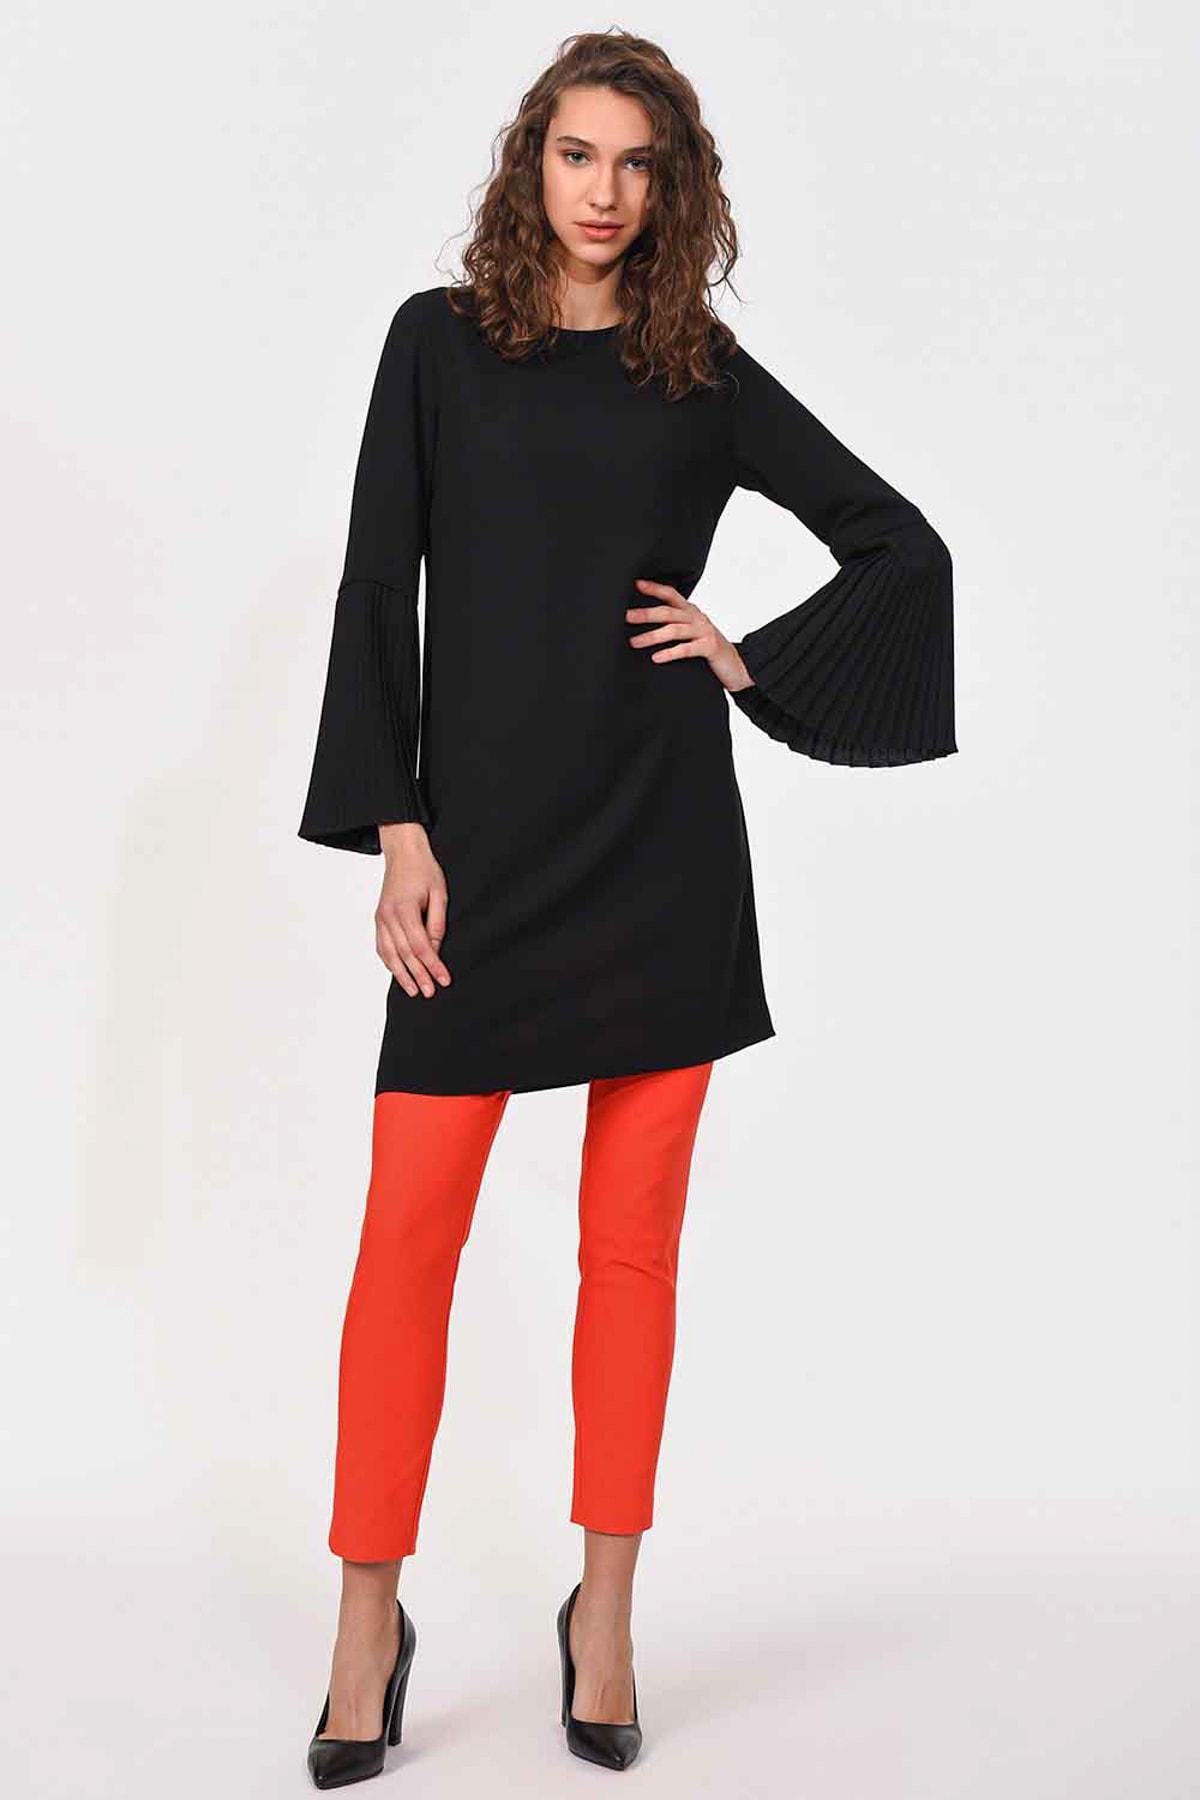 Mizalle Kadın Siyah Kolları Pliseli Bluz 18KGMZL1012014 2